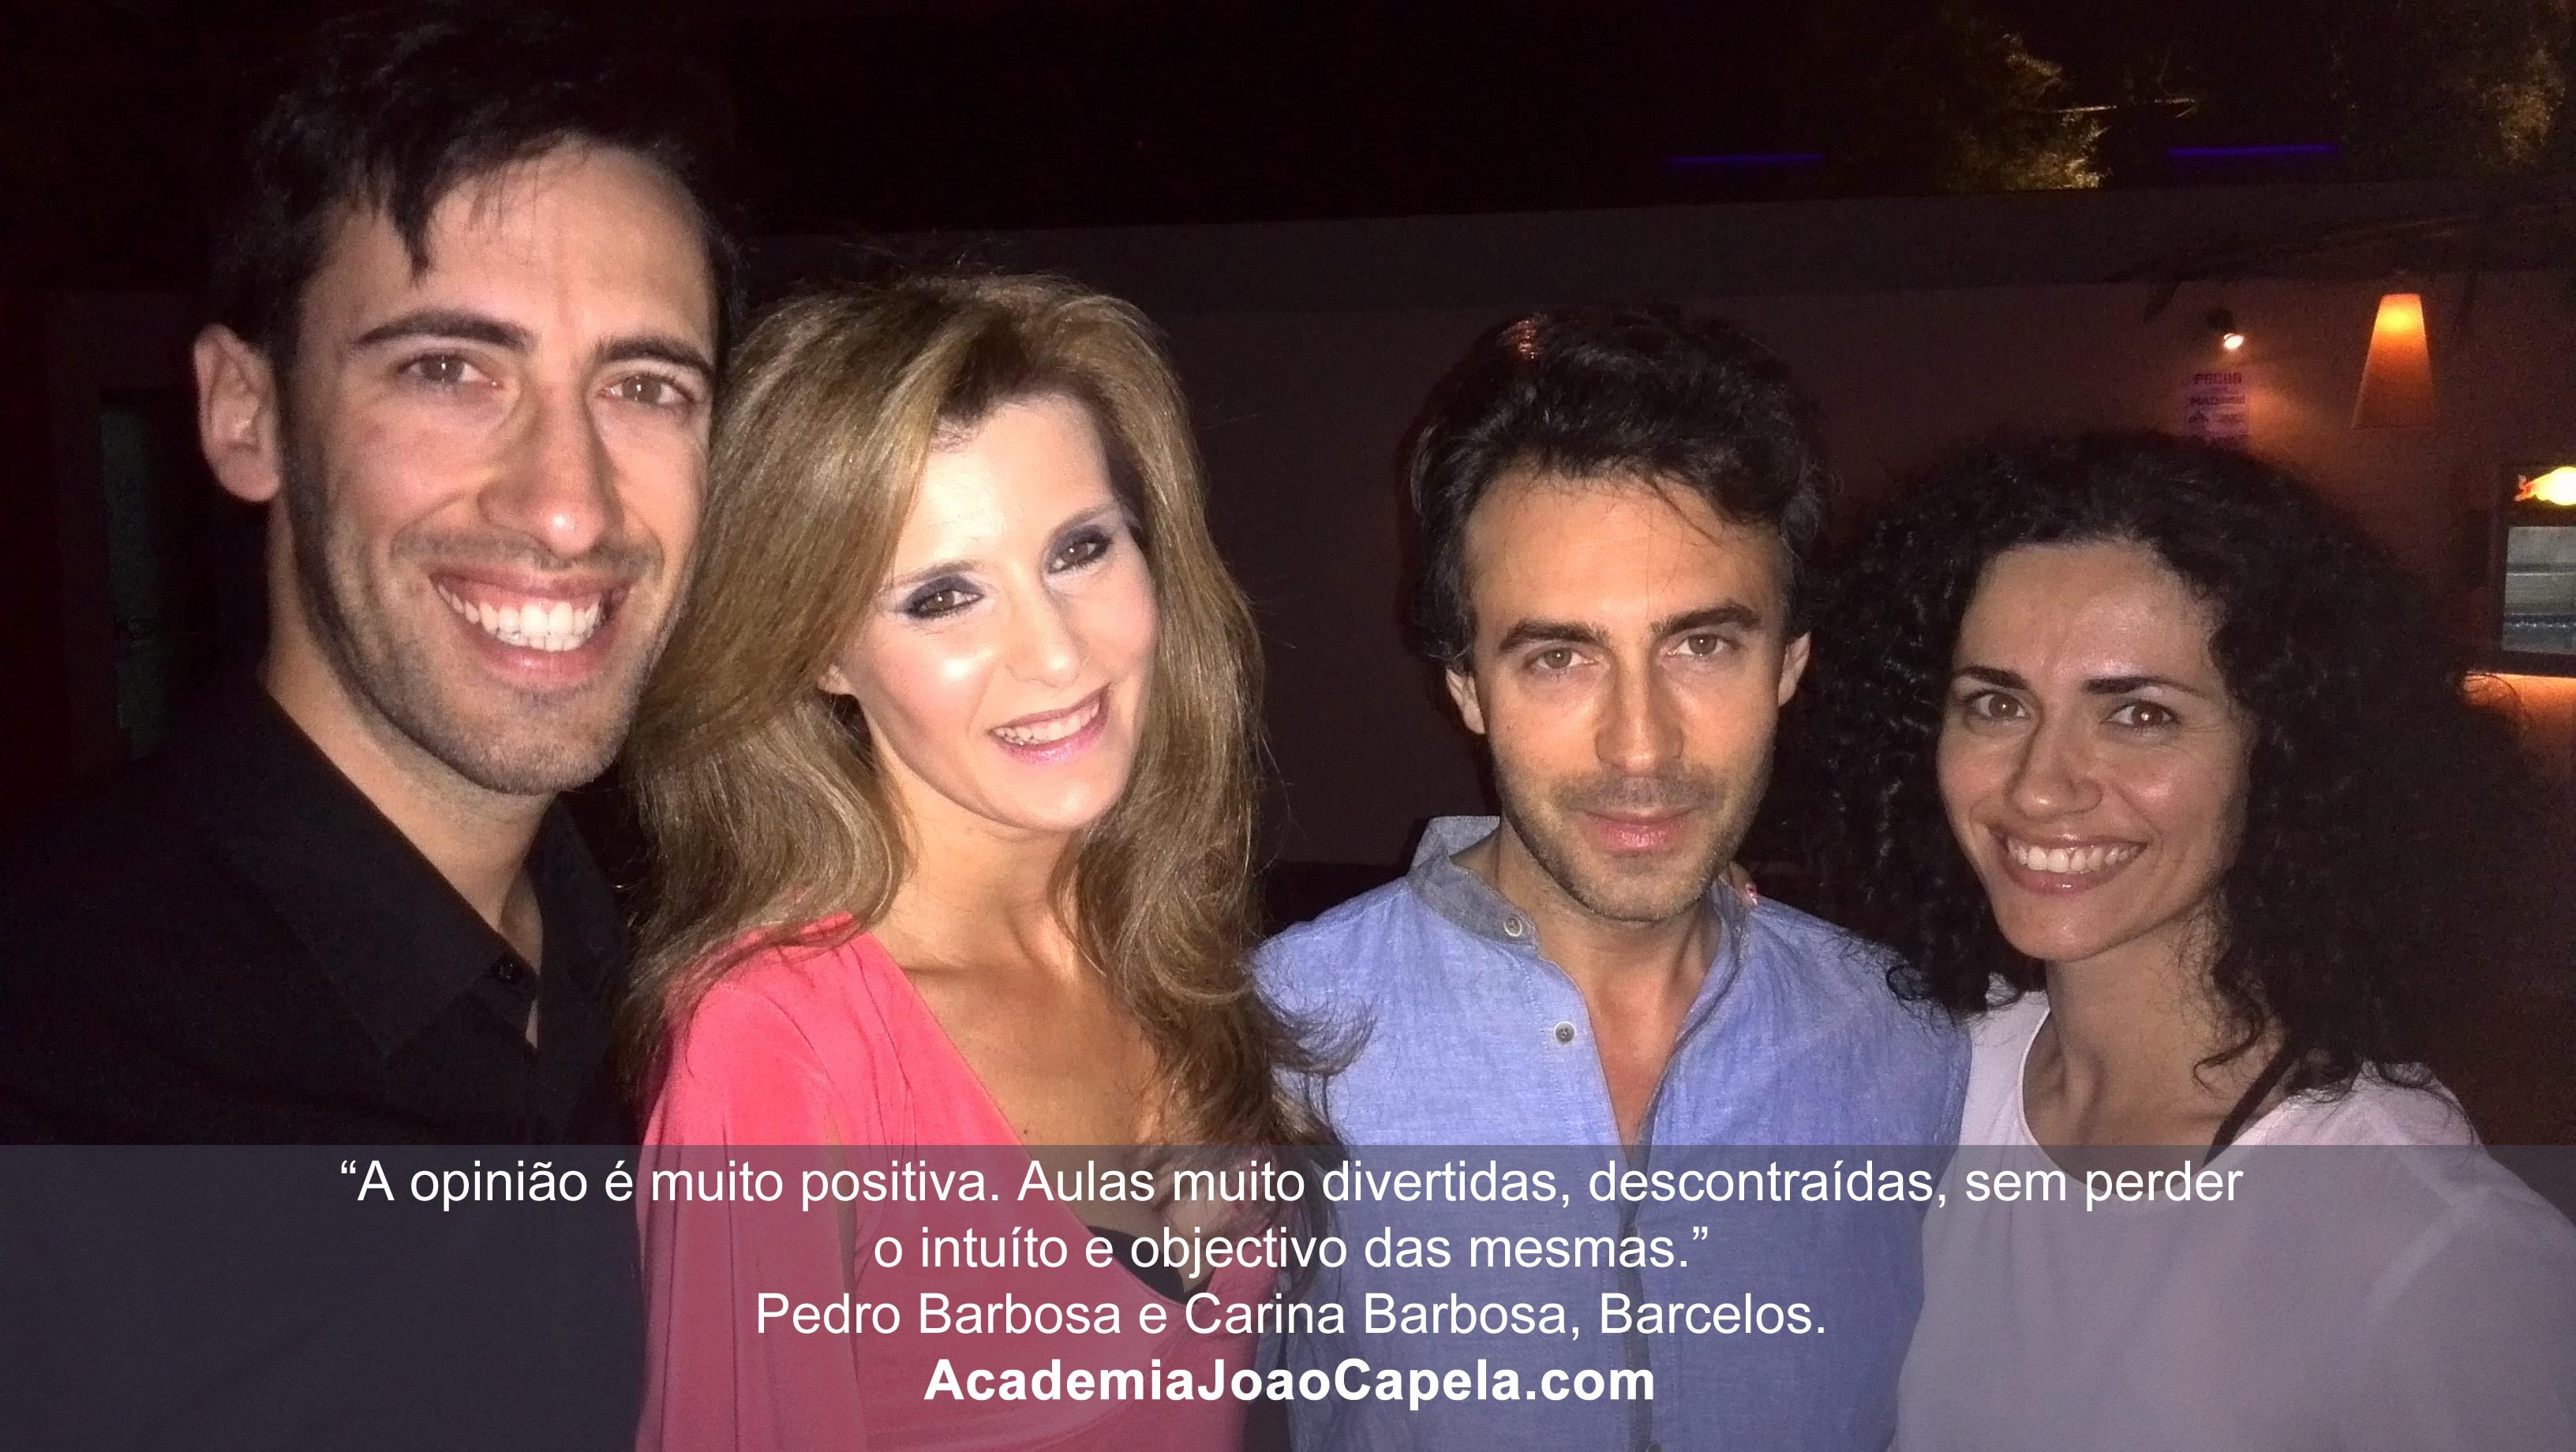 Testemunho Pedro Barbosa e Carina Barbosa sobre as aulas de dança da academia João Capela em Barcelos